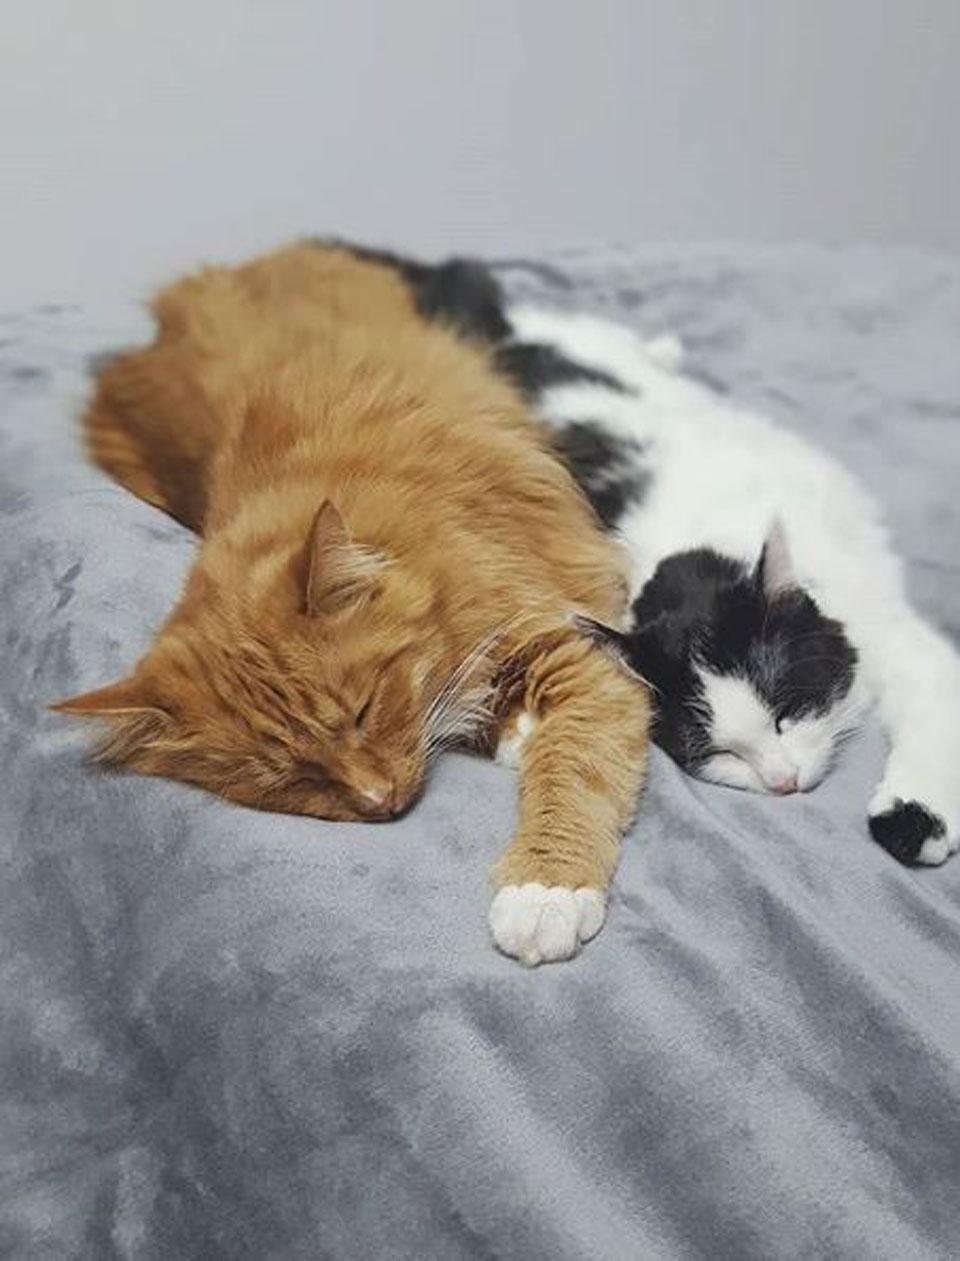 Gatita y gato duermen acompañados